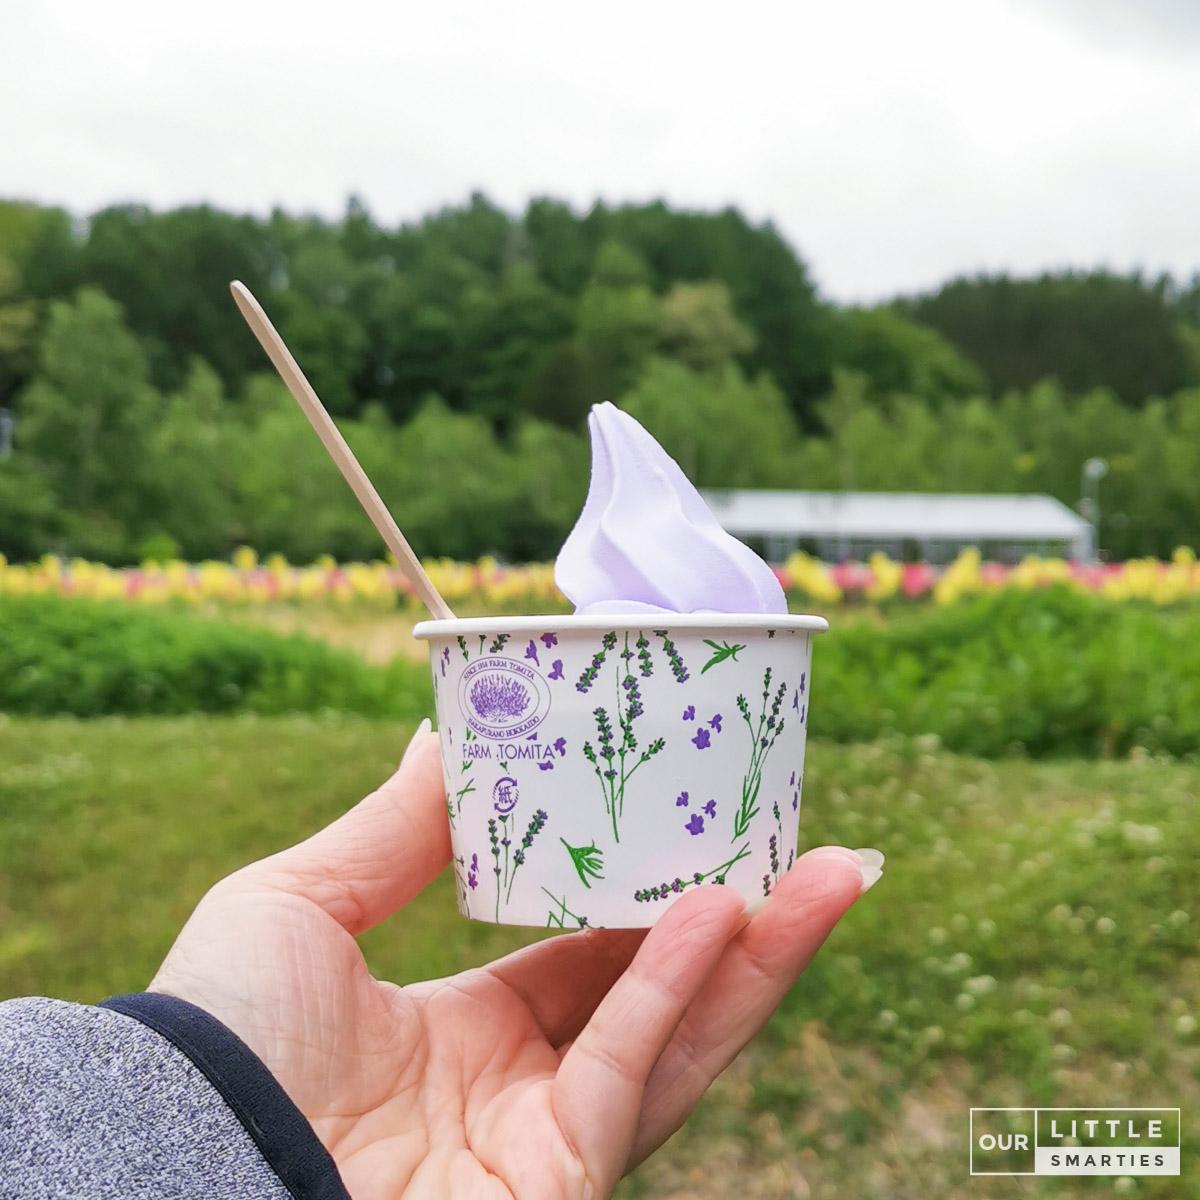 Farm Tomita Lavender Ice-Cream